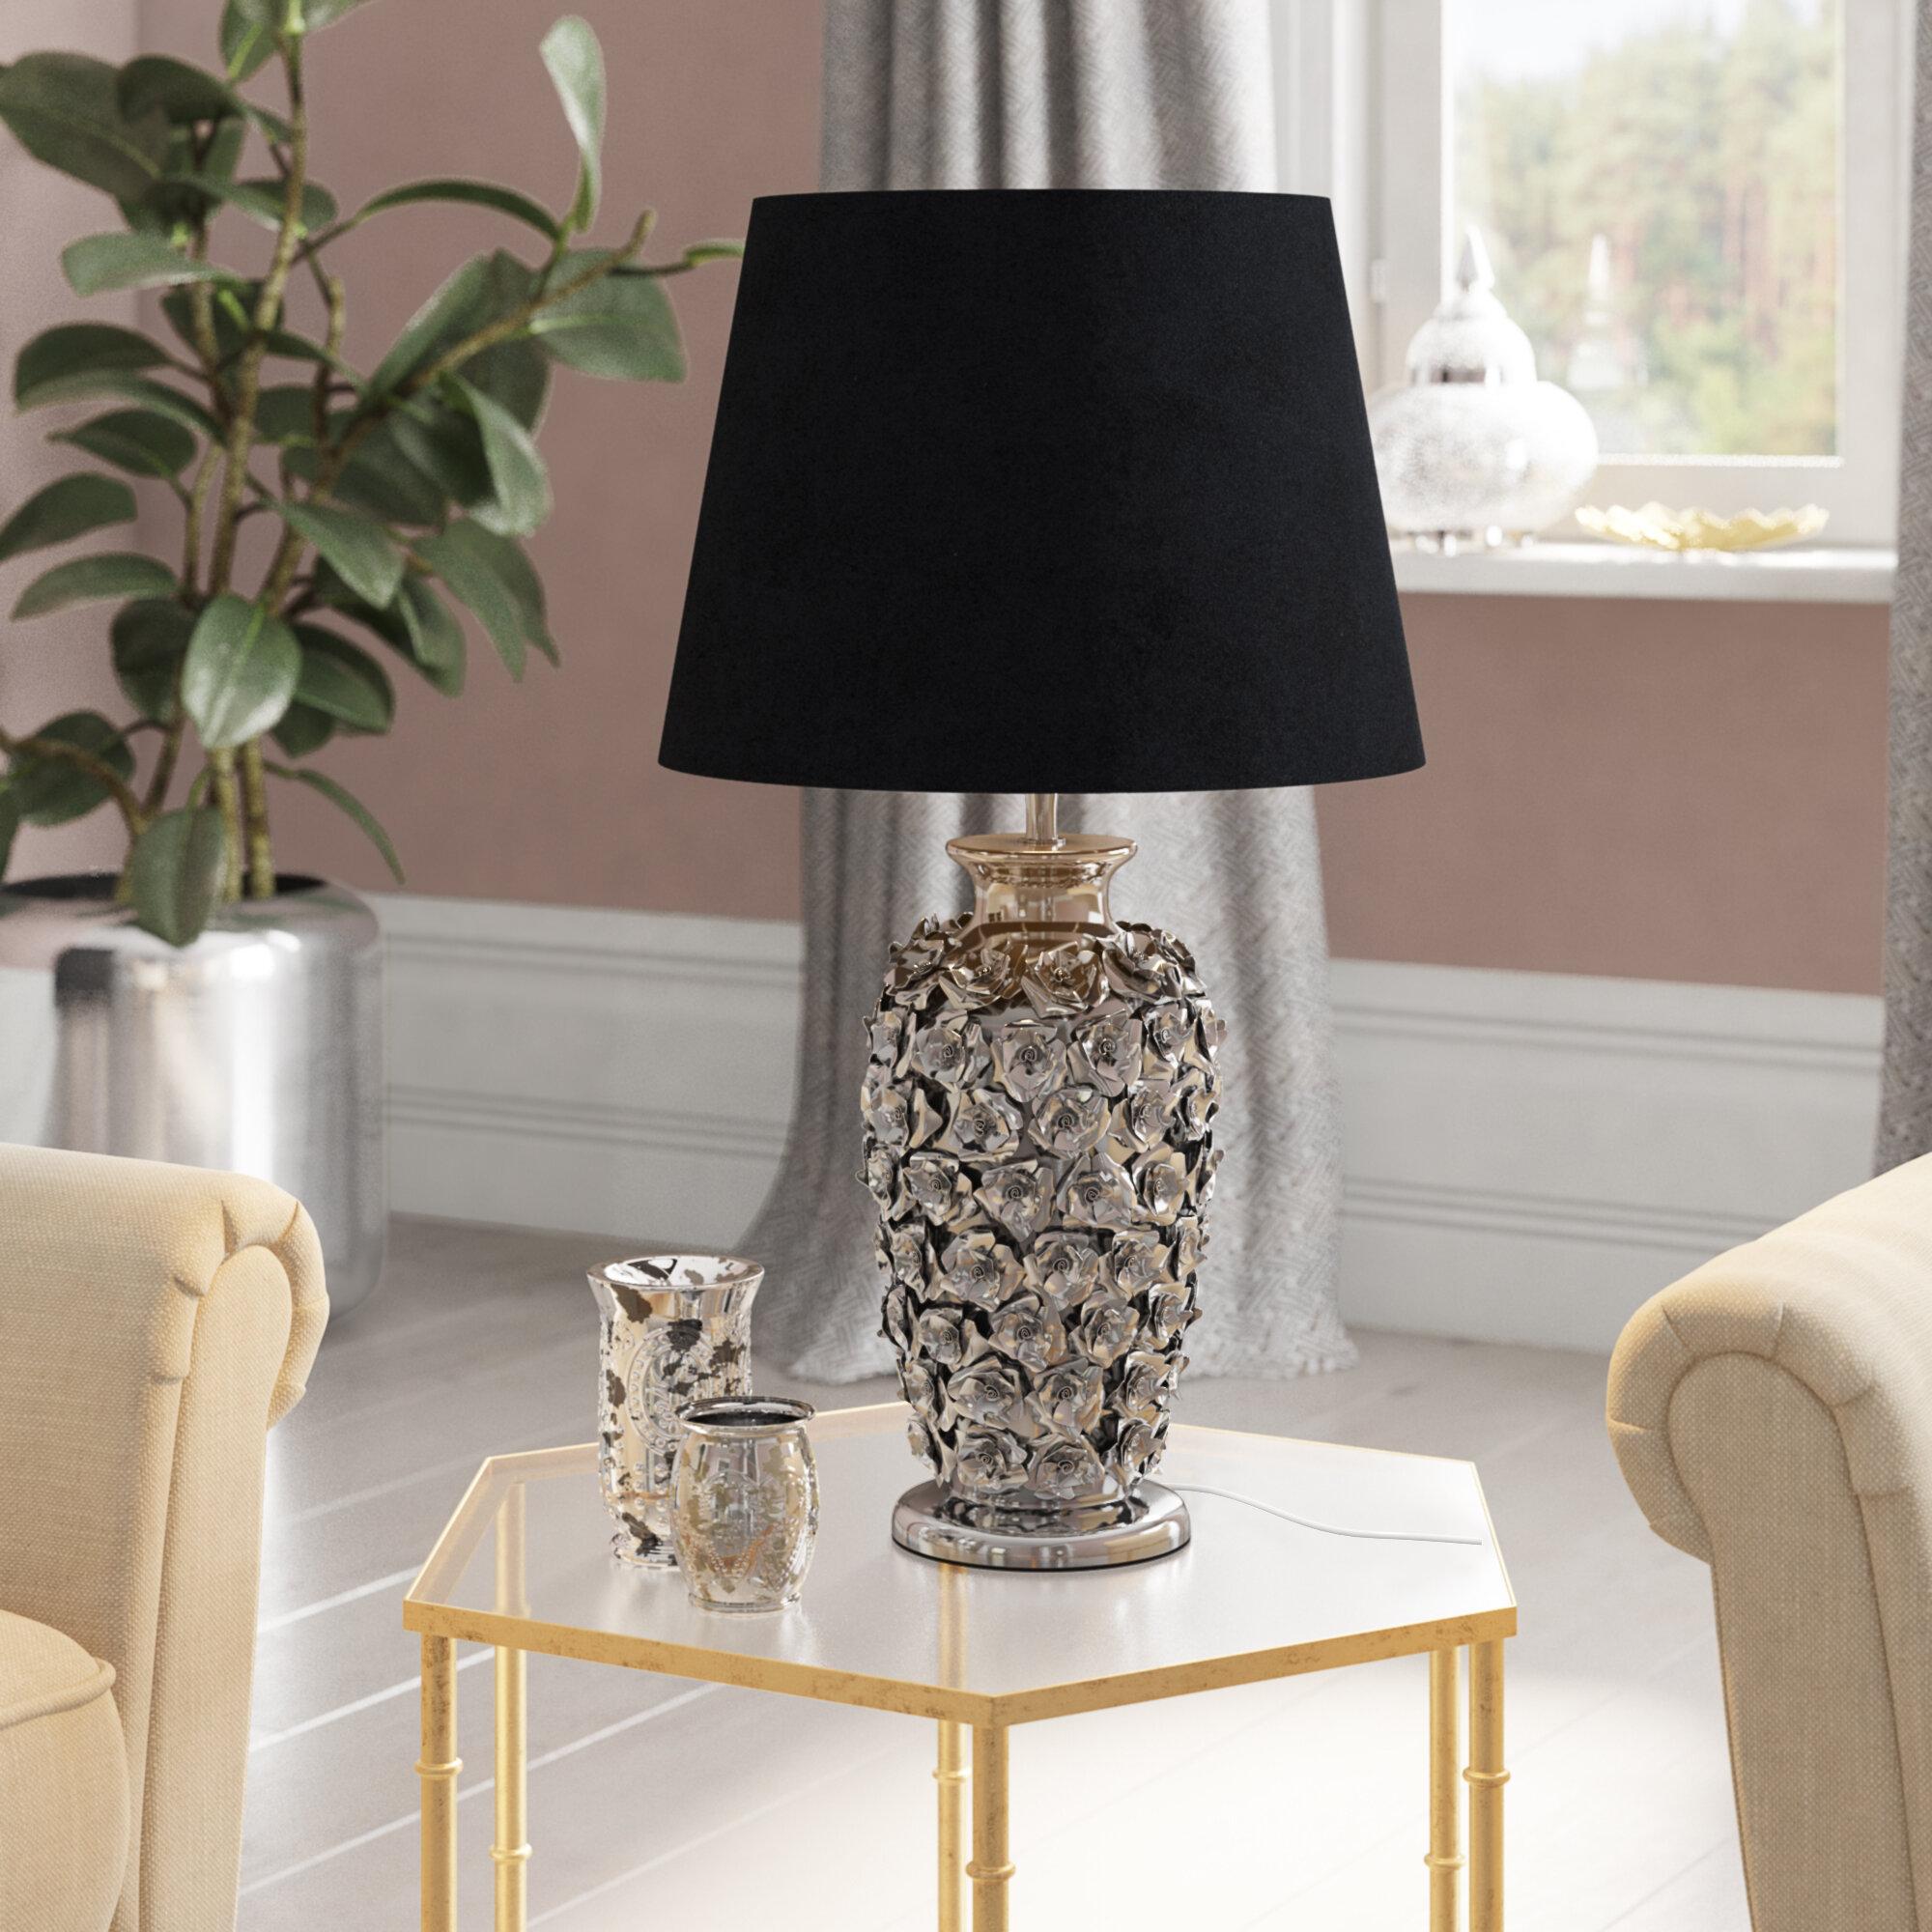 Silberfarbene Tischlampe Metall Leuchte Lampe Nachttisch Schirmlampe Deko